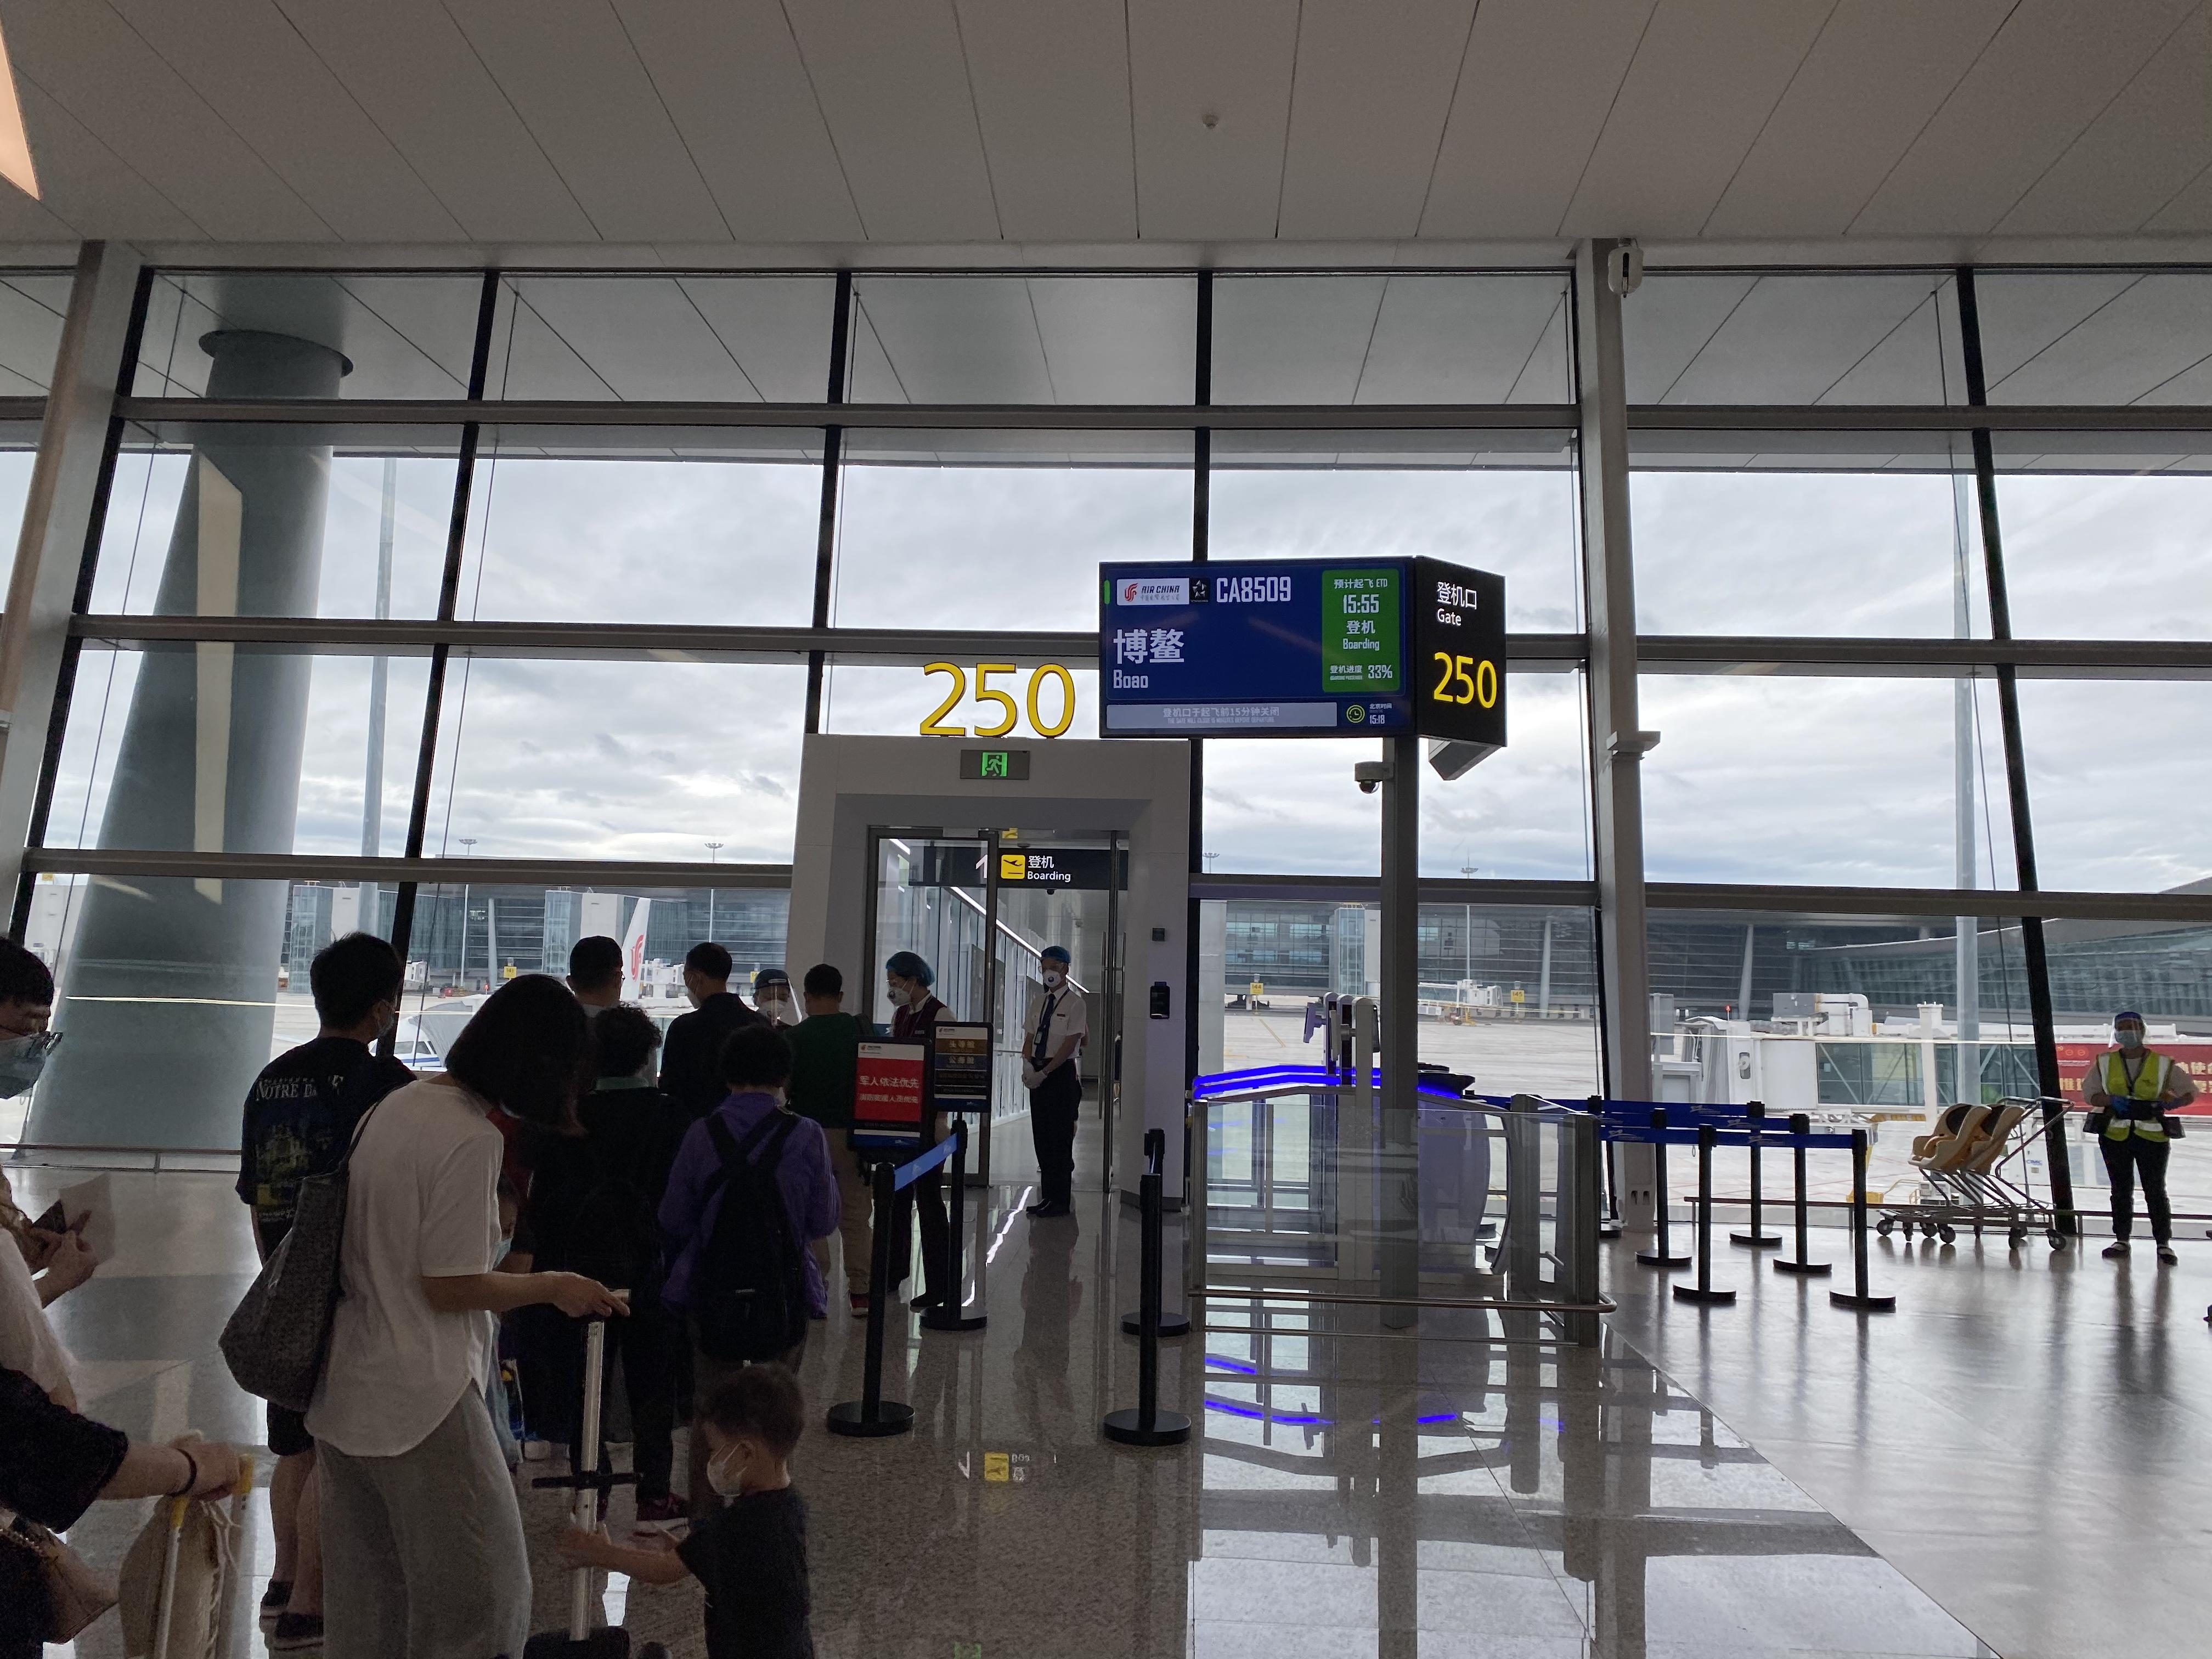 海岛行!TFU一BAR一SYX一CTU 解锁两座机场及休息室报告!